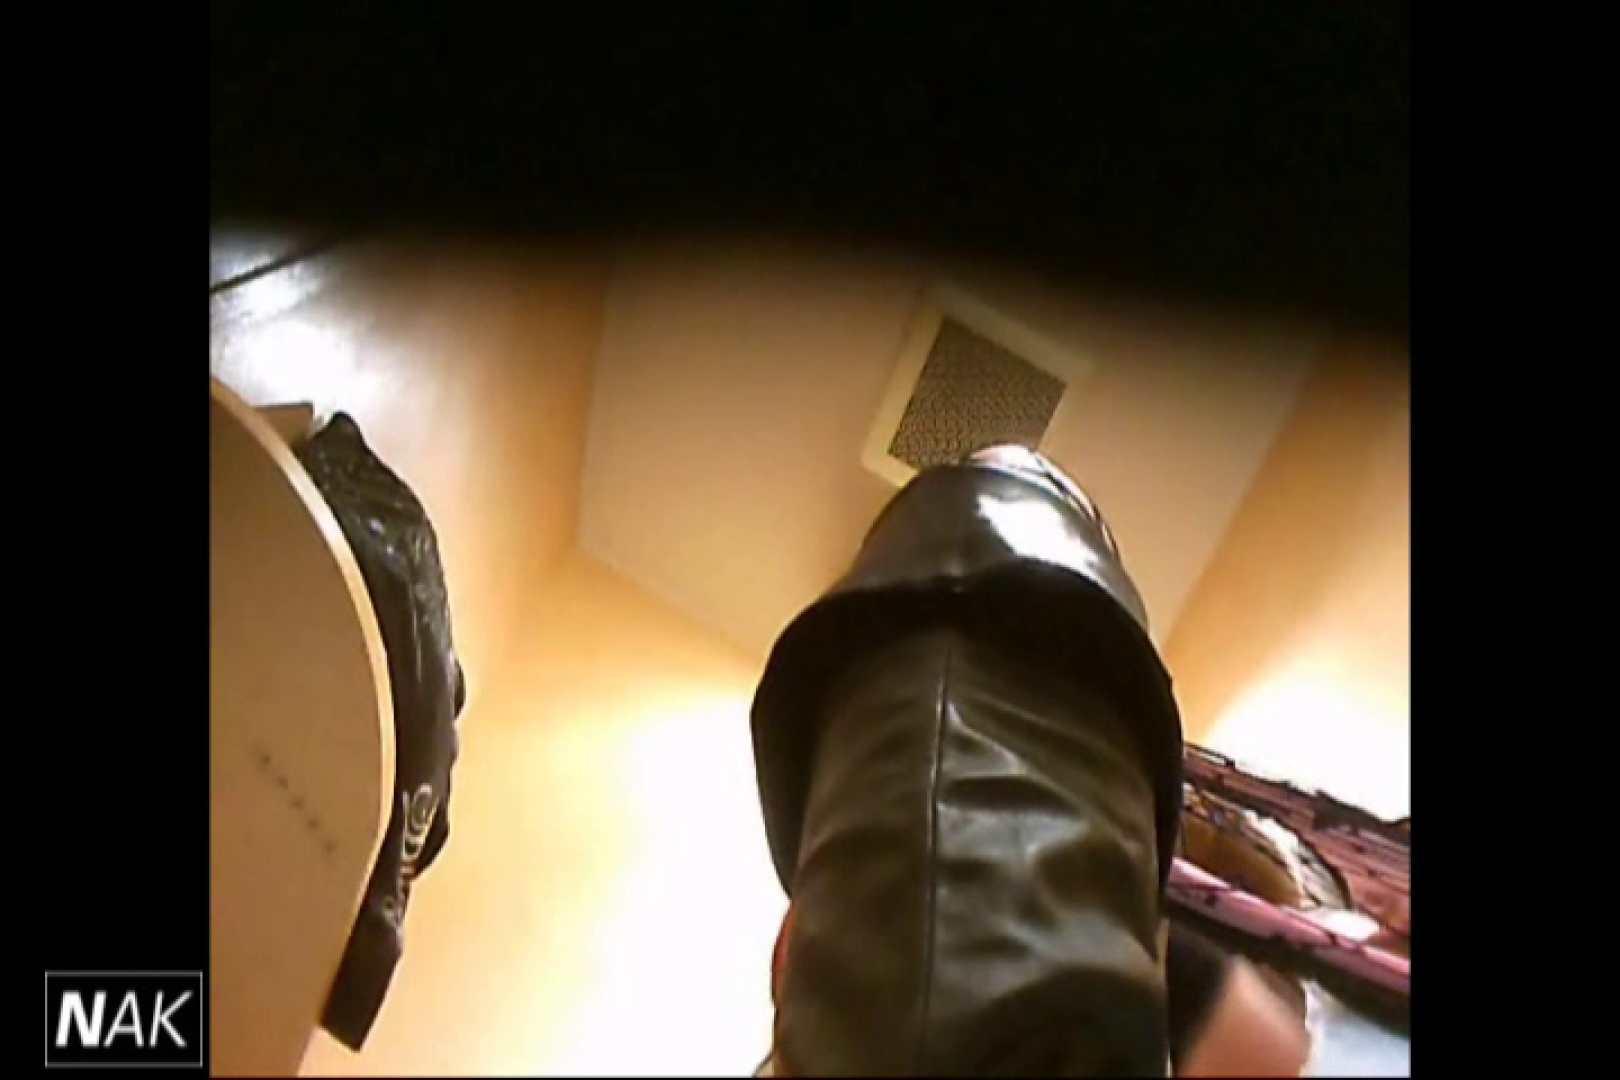 せん八さんの厠観察日記!2点監視カメラ 高画質5000K vol.01 厠・・・ 盗み撮り動画 110PIX 70